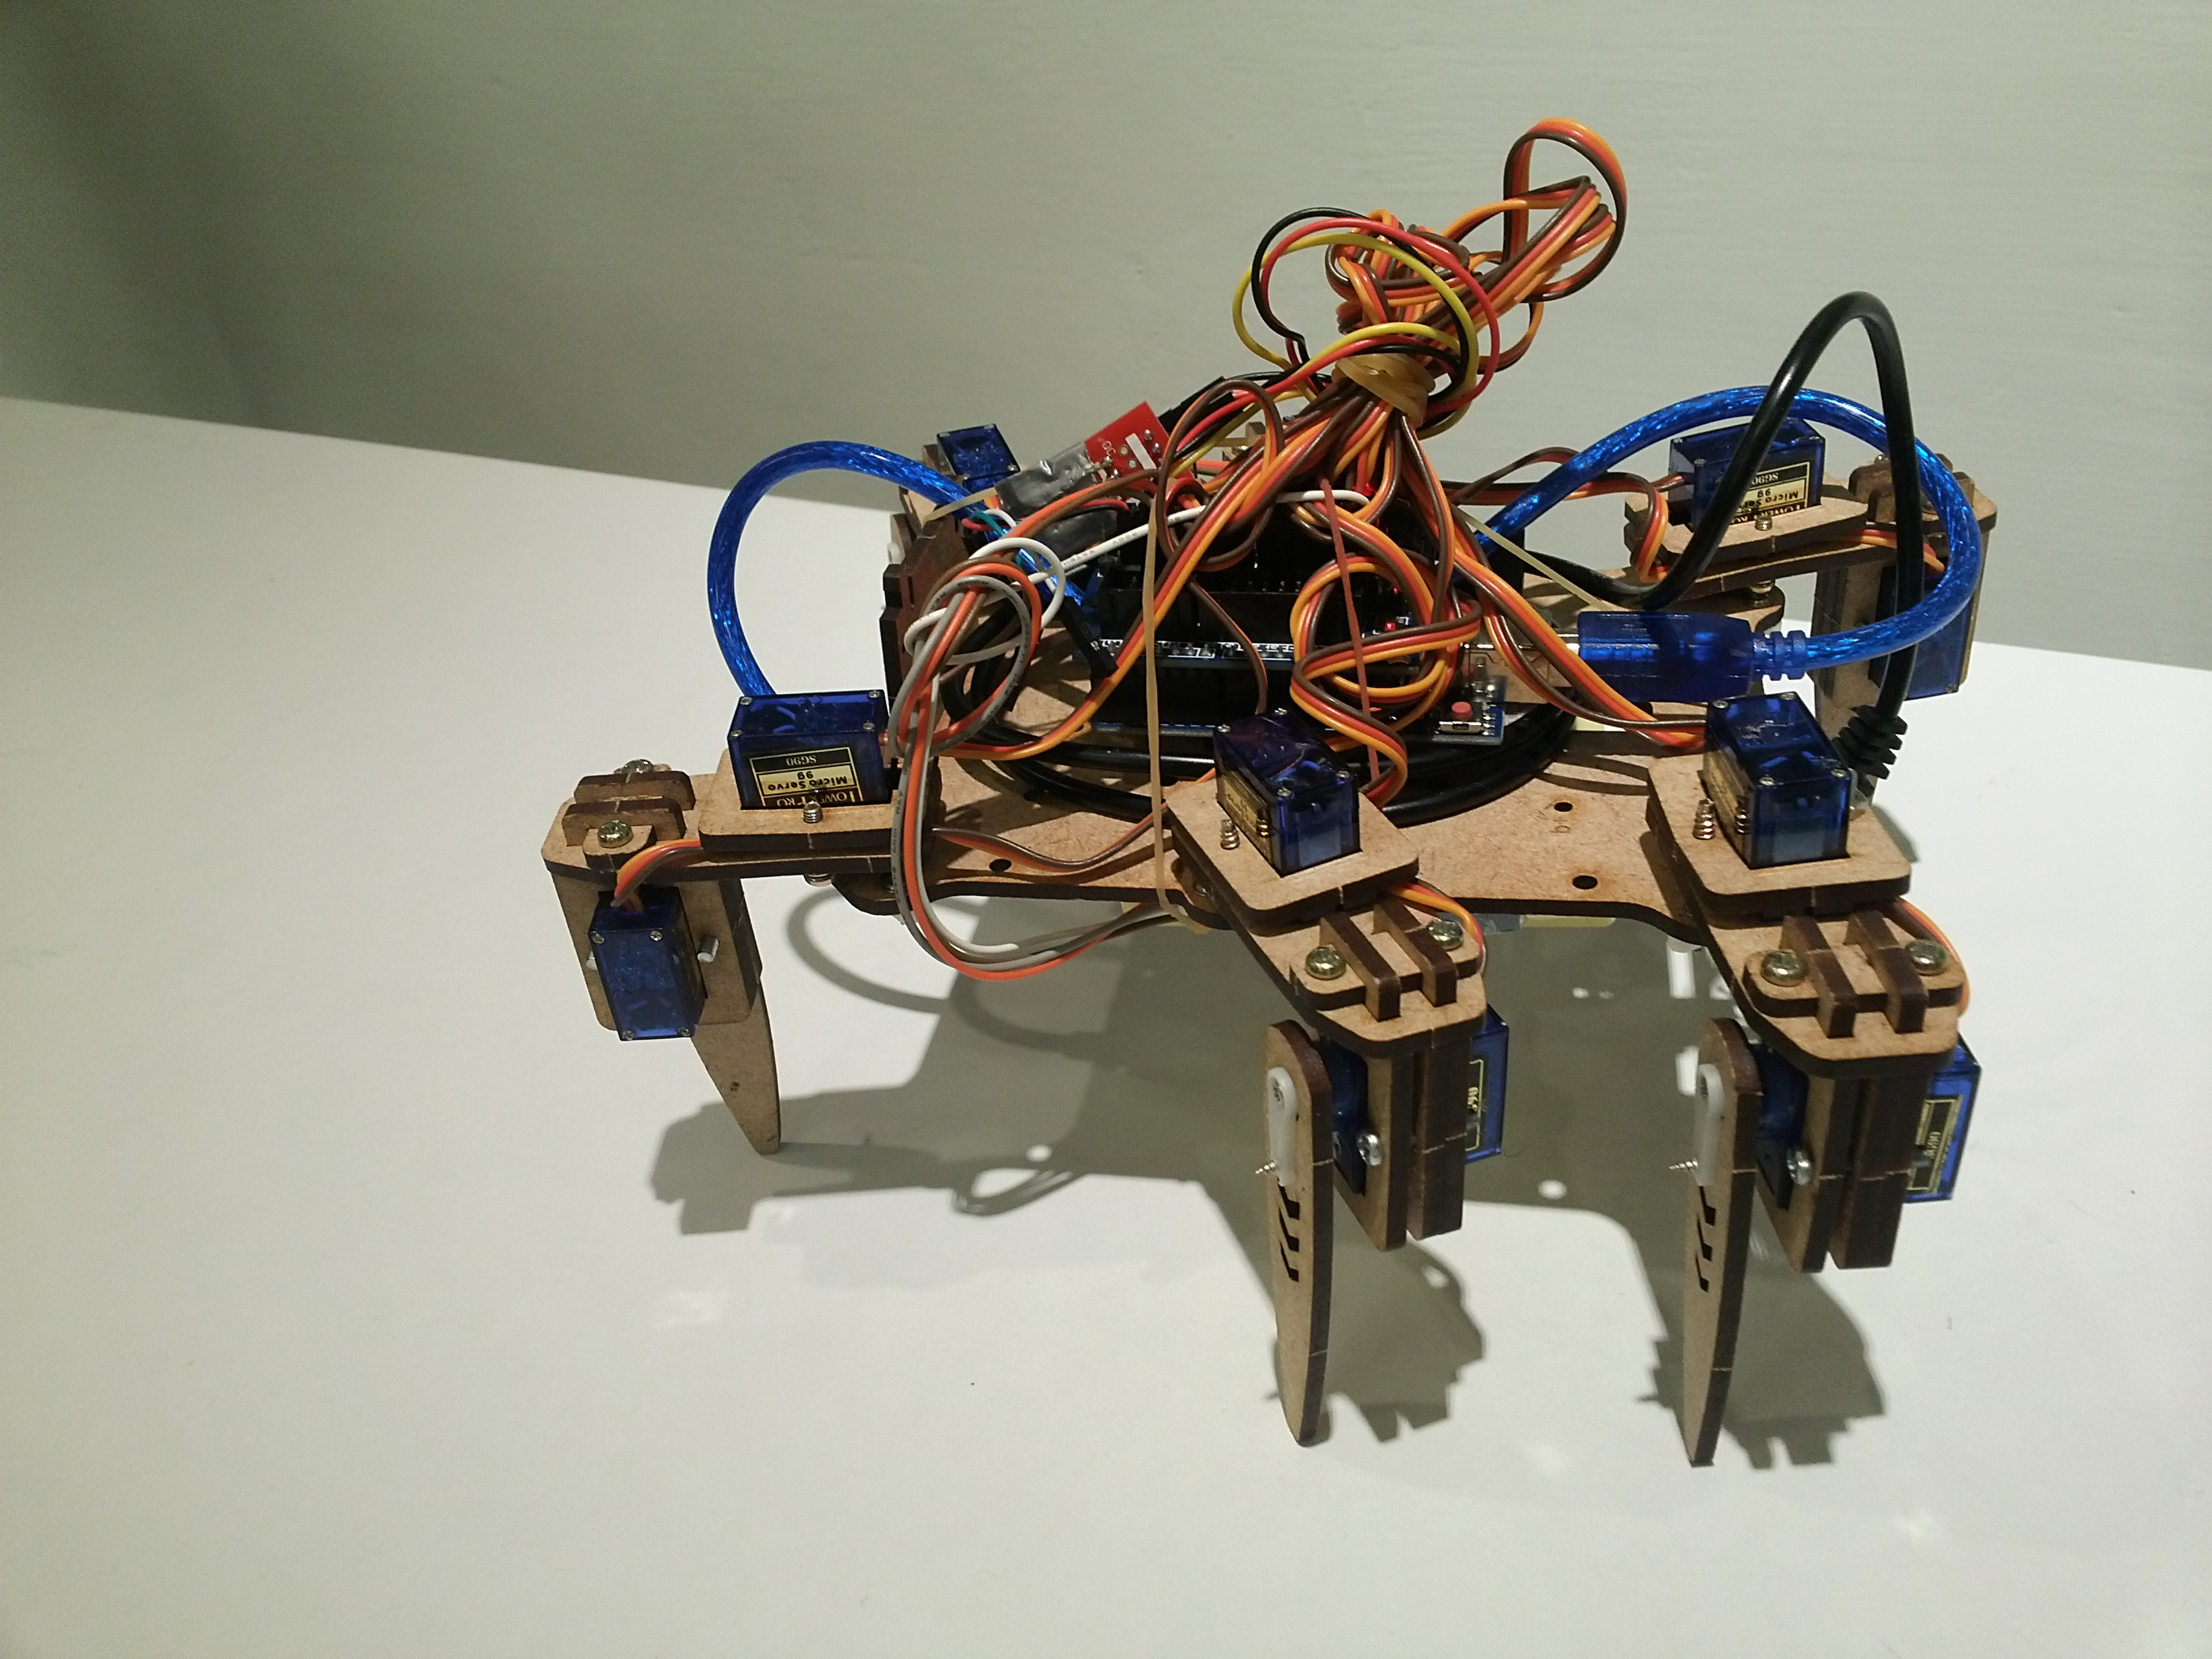 Bridan帶至現場的蜘蛛機器人